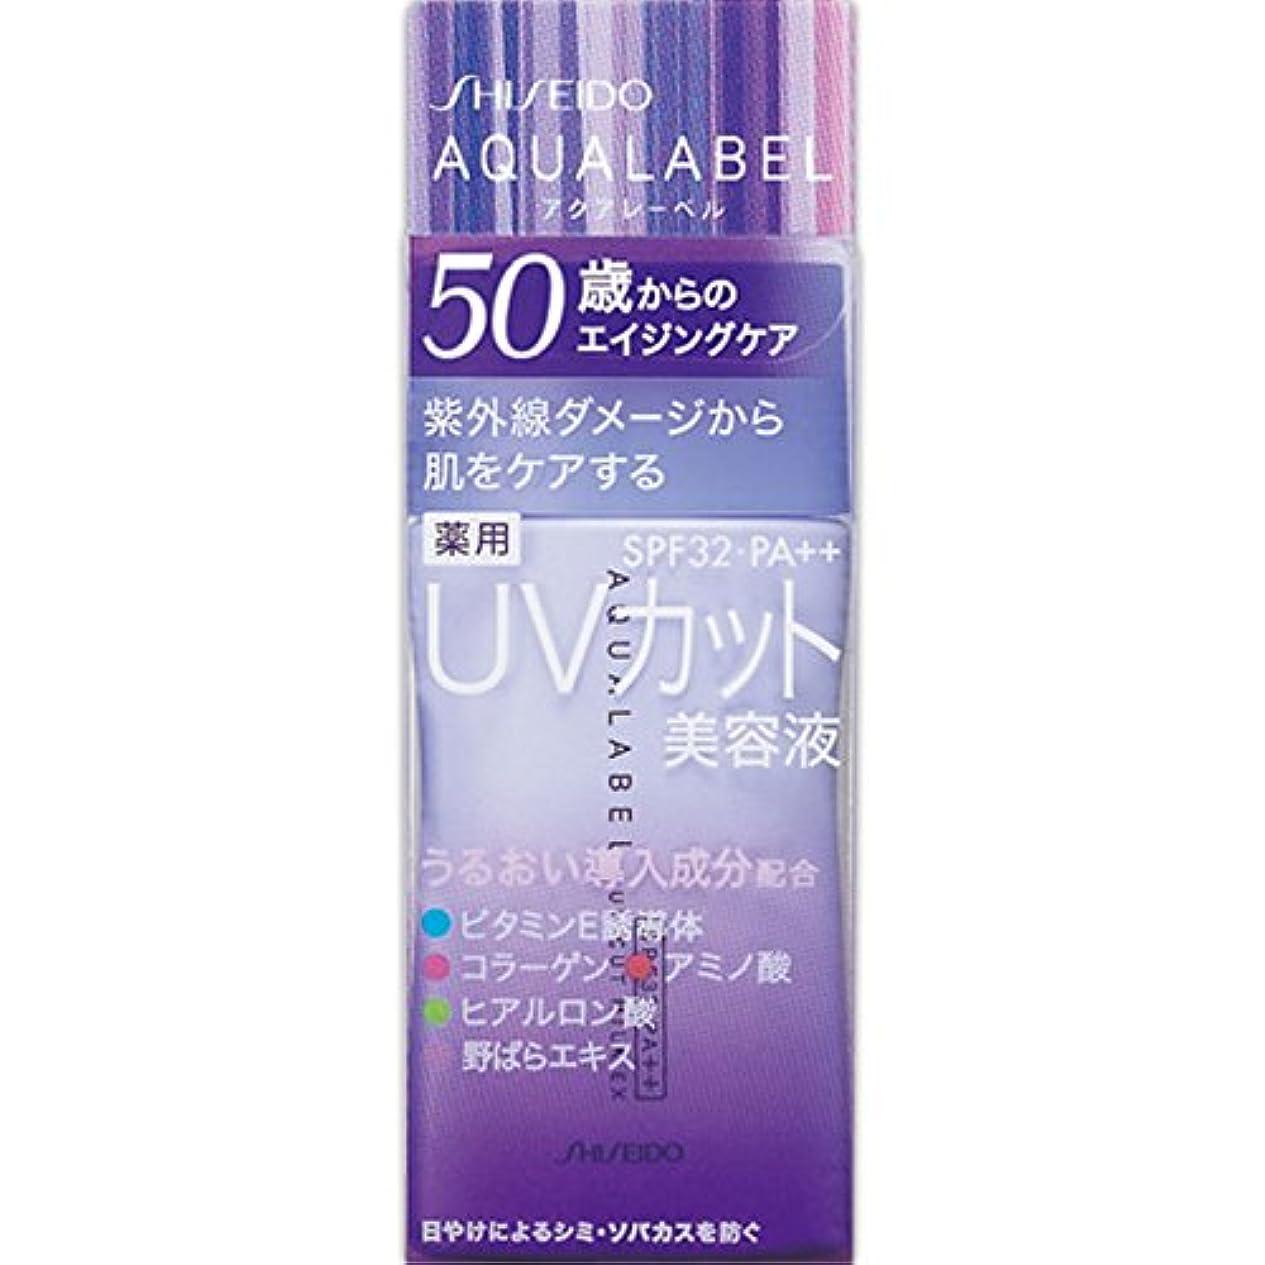 ペパーミント紳士気取りの、きざなメンバーアクアレーベル UVカット美容液 40ml